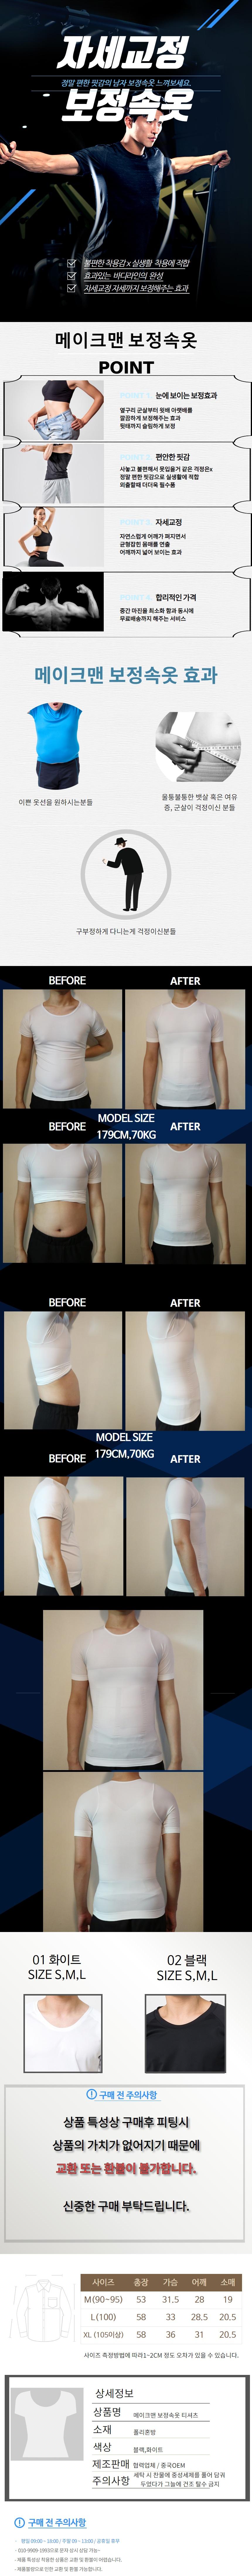 남자 보정속옷 몸매 보정 뱃살 여유증 보정티셔츠 - 빅애플, 23,900원, 상의, 반팔티셔츠